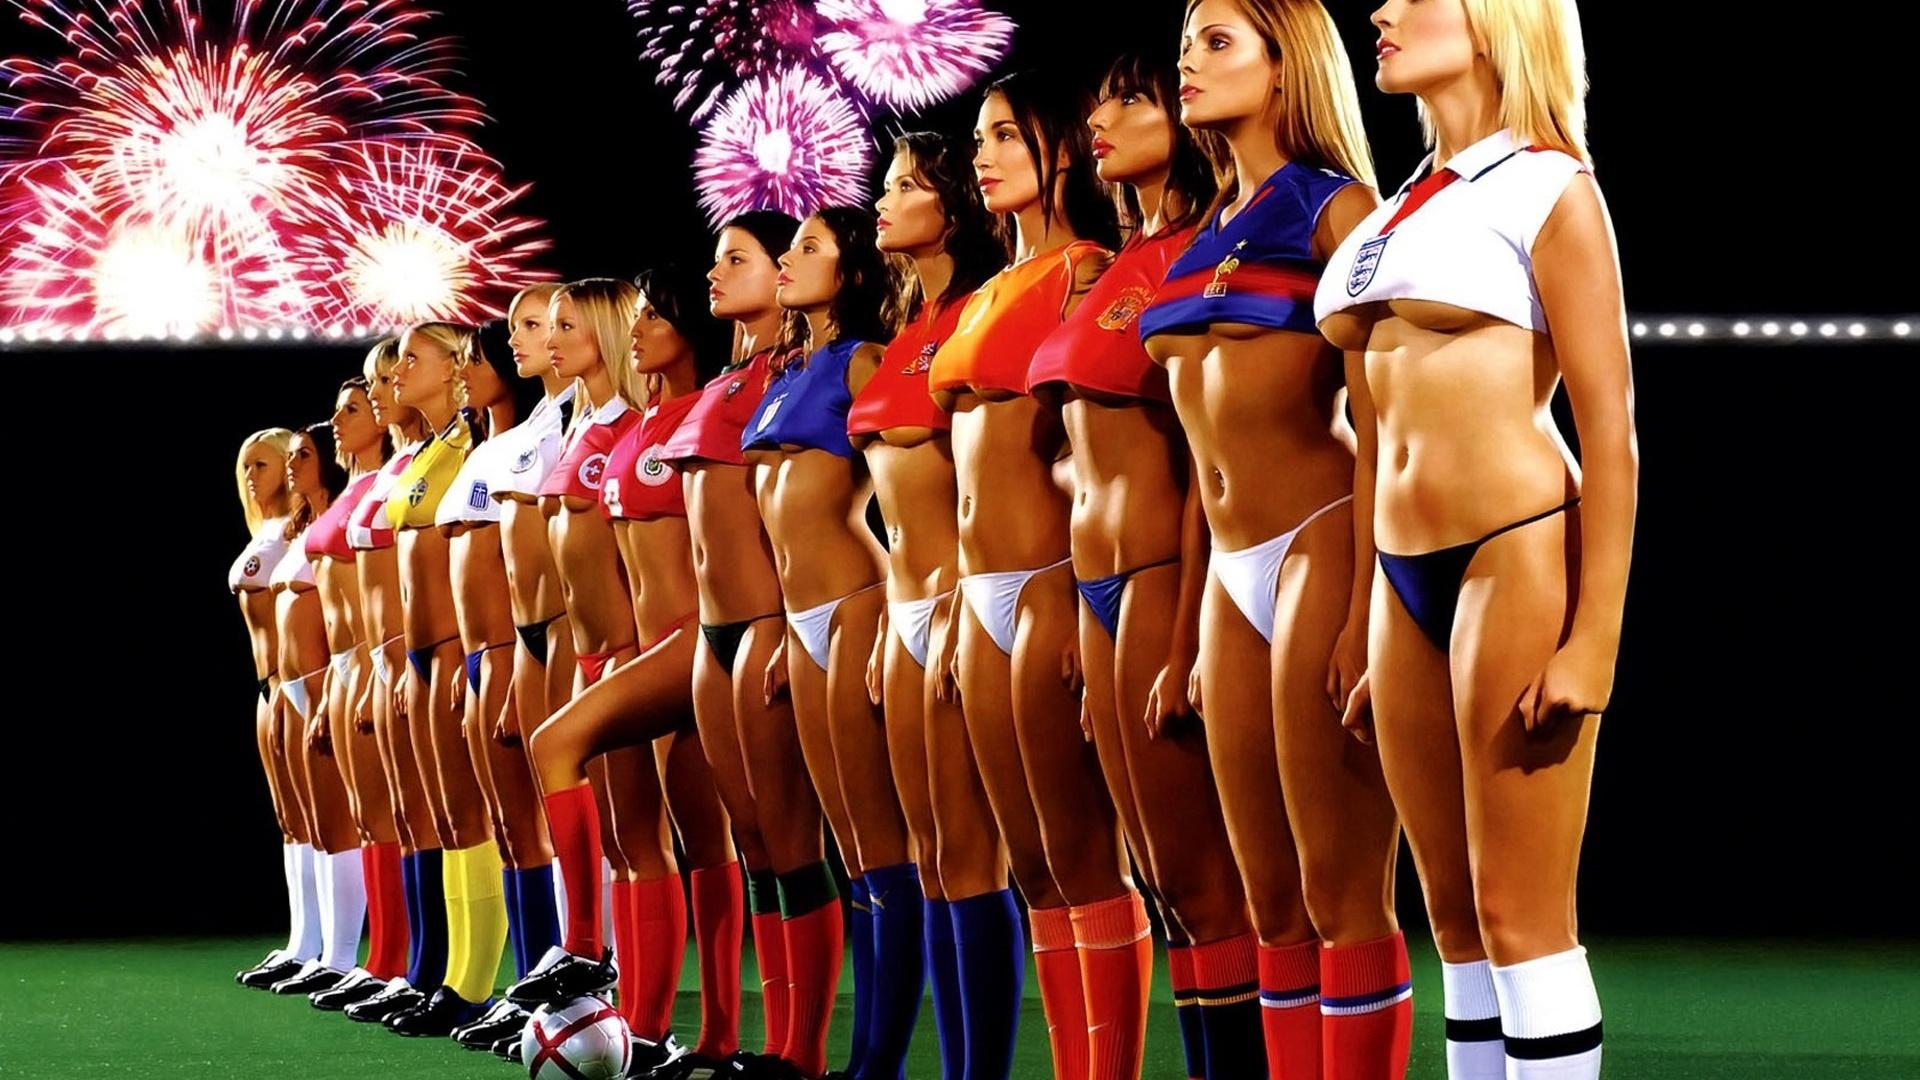 multiple-girls-one-guy-nude